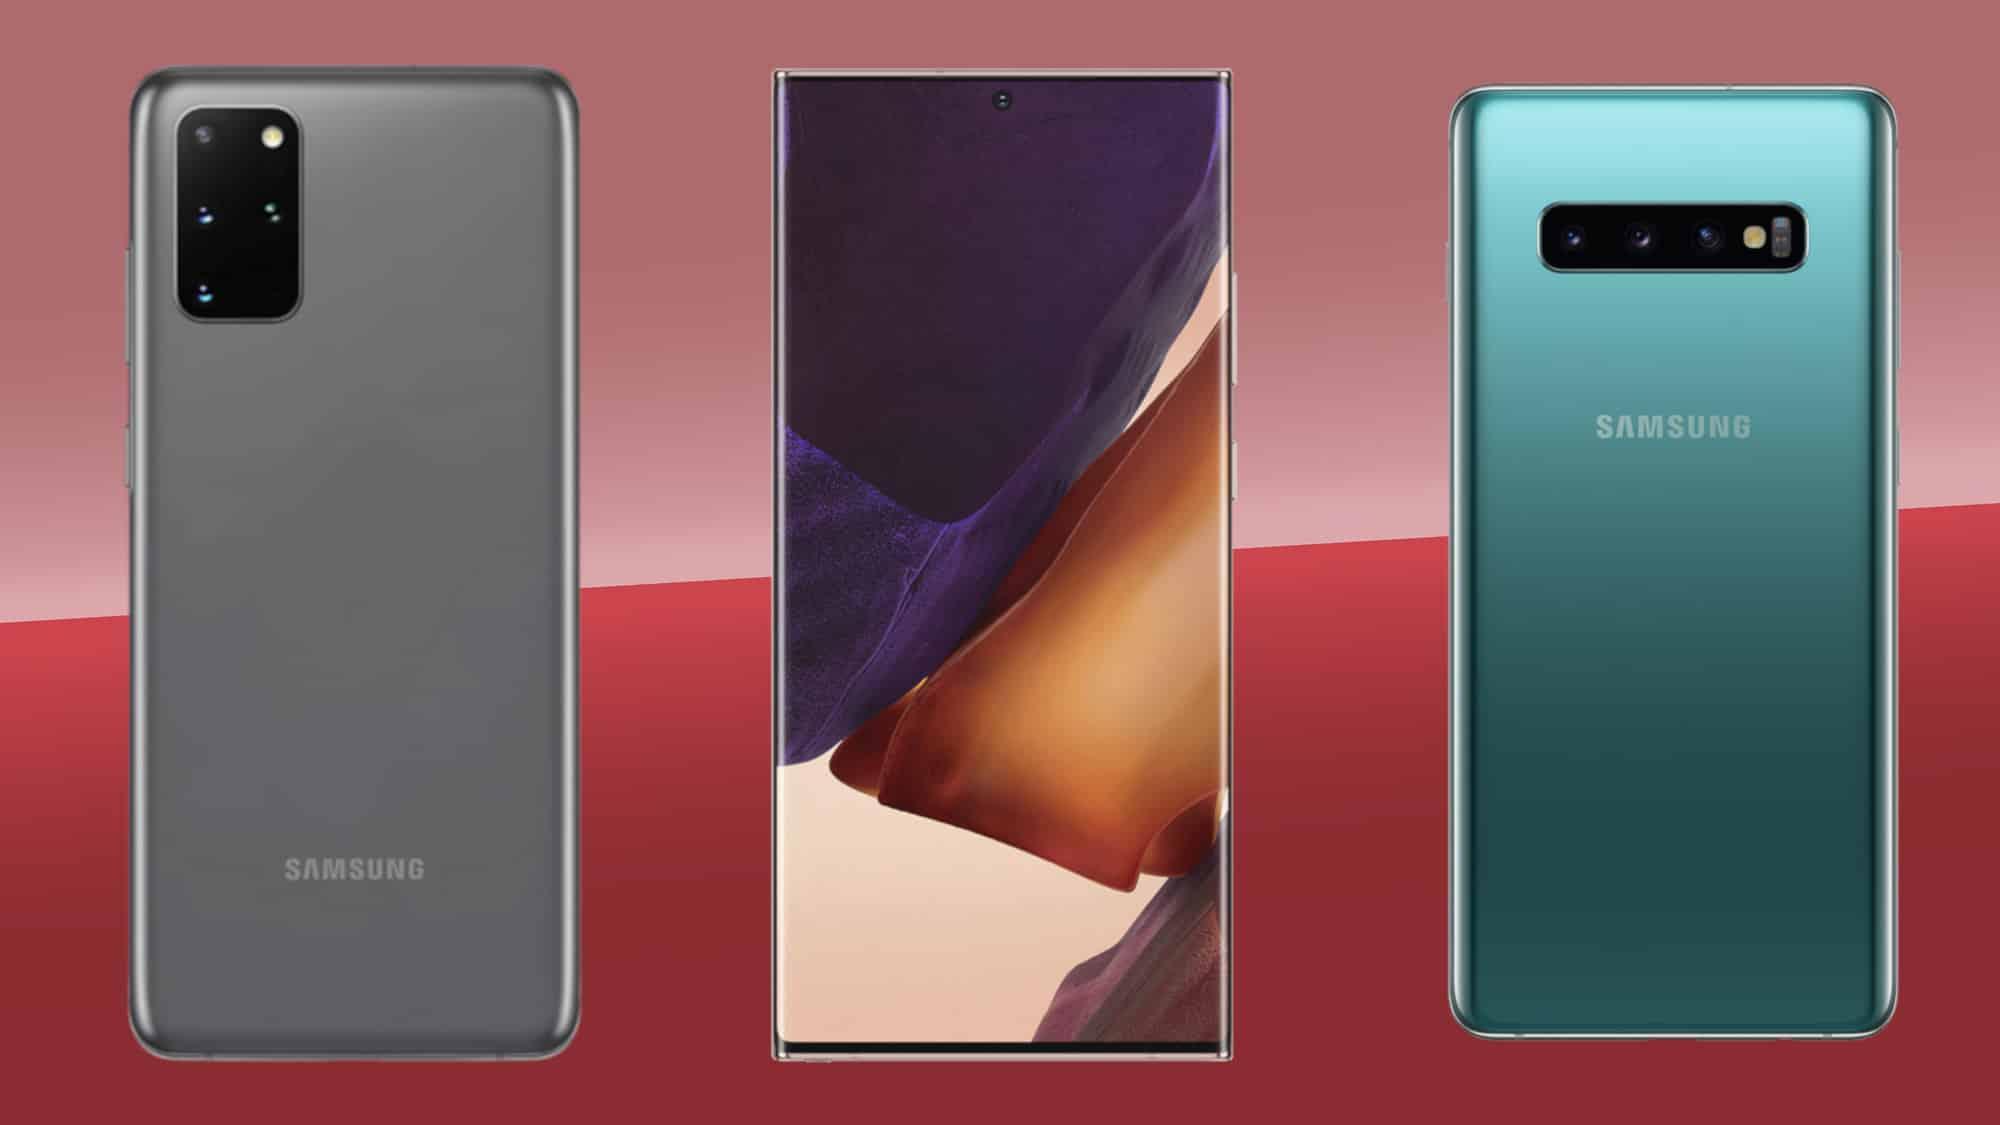 Cara-Cek-Garansi-Samsung-Indonesia-Semua-Produk-Lewat-IMEI